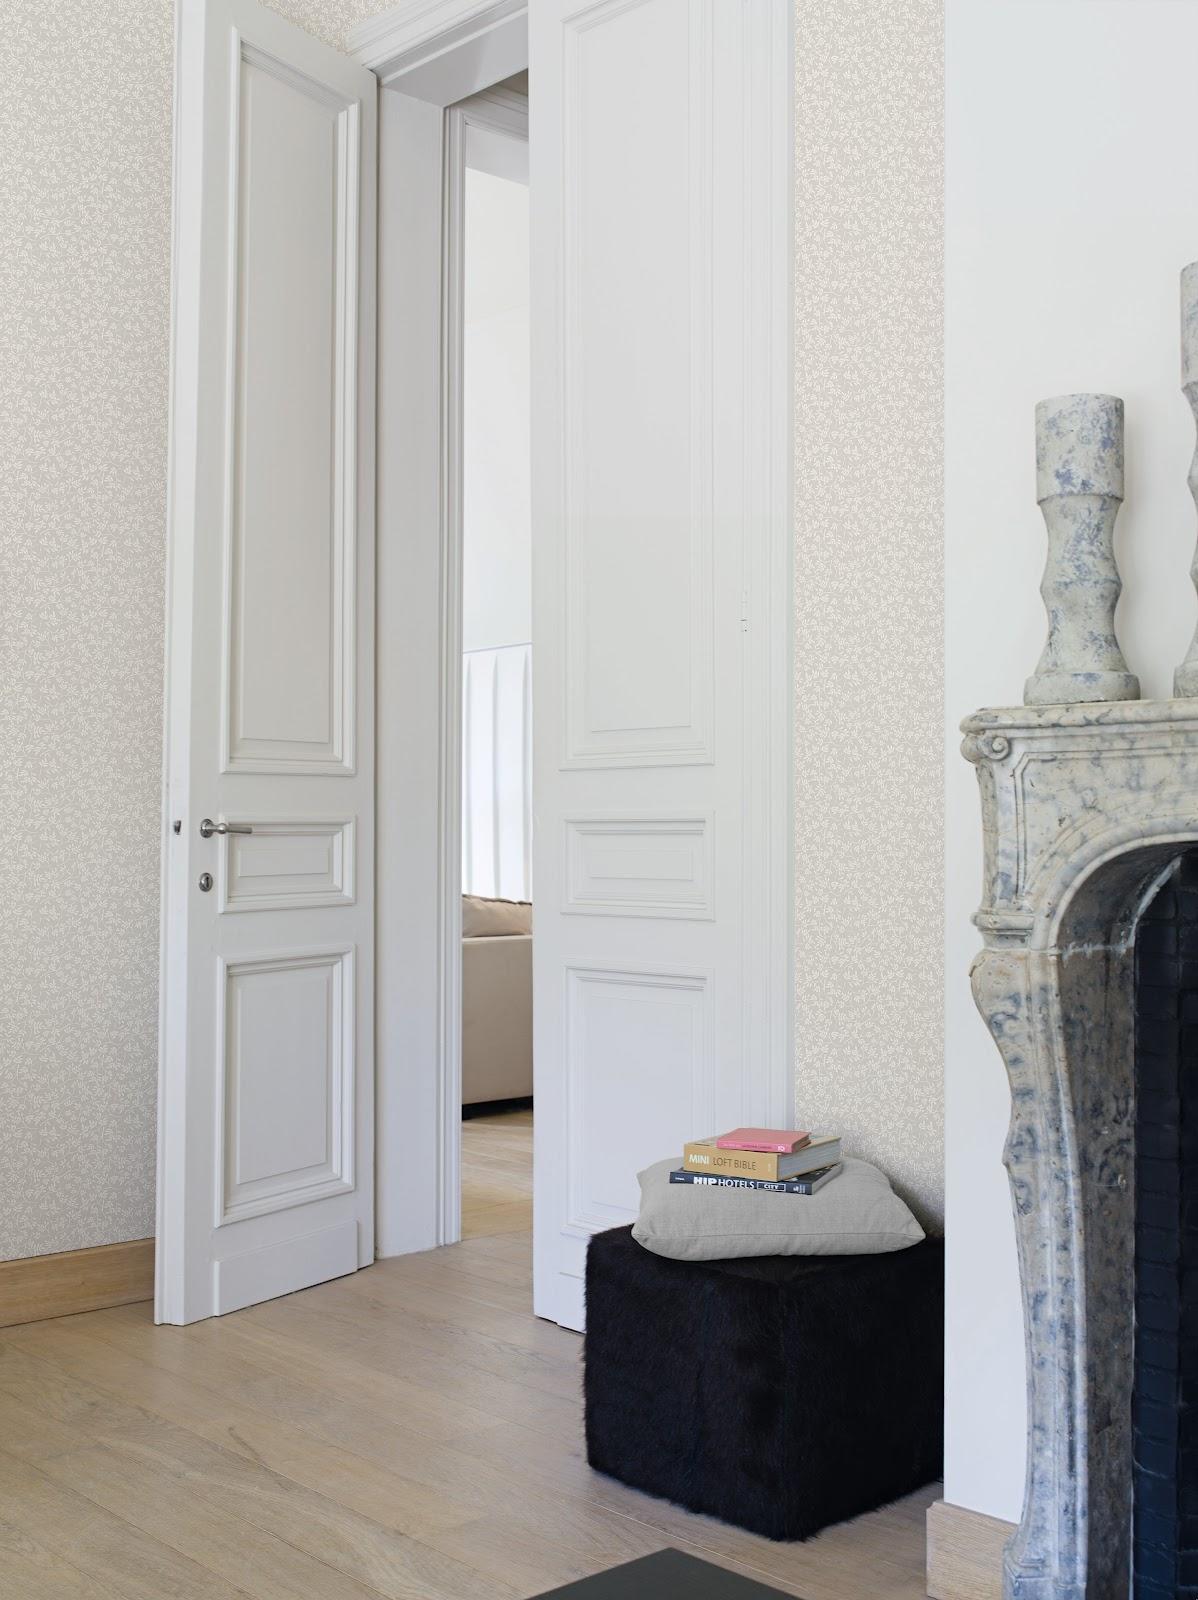 Papeles pintados aribau la vie en rose nueva colecci n - Papeles pintados la maison ...